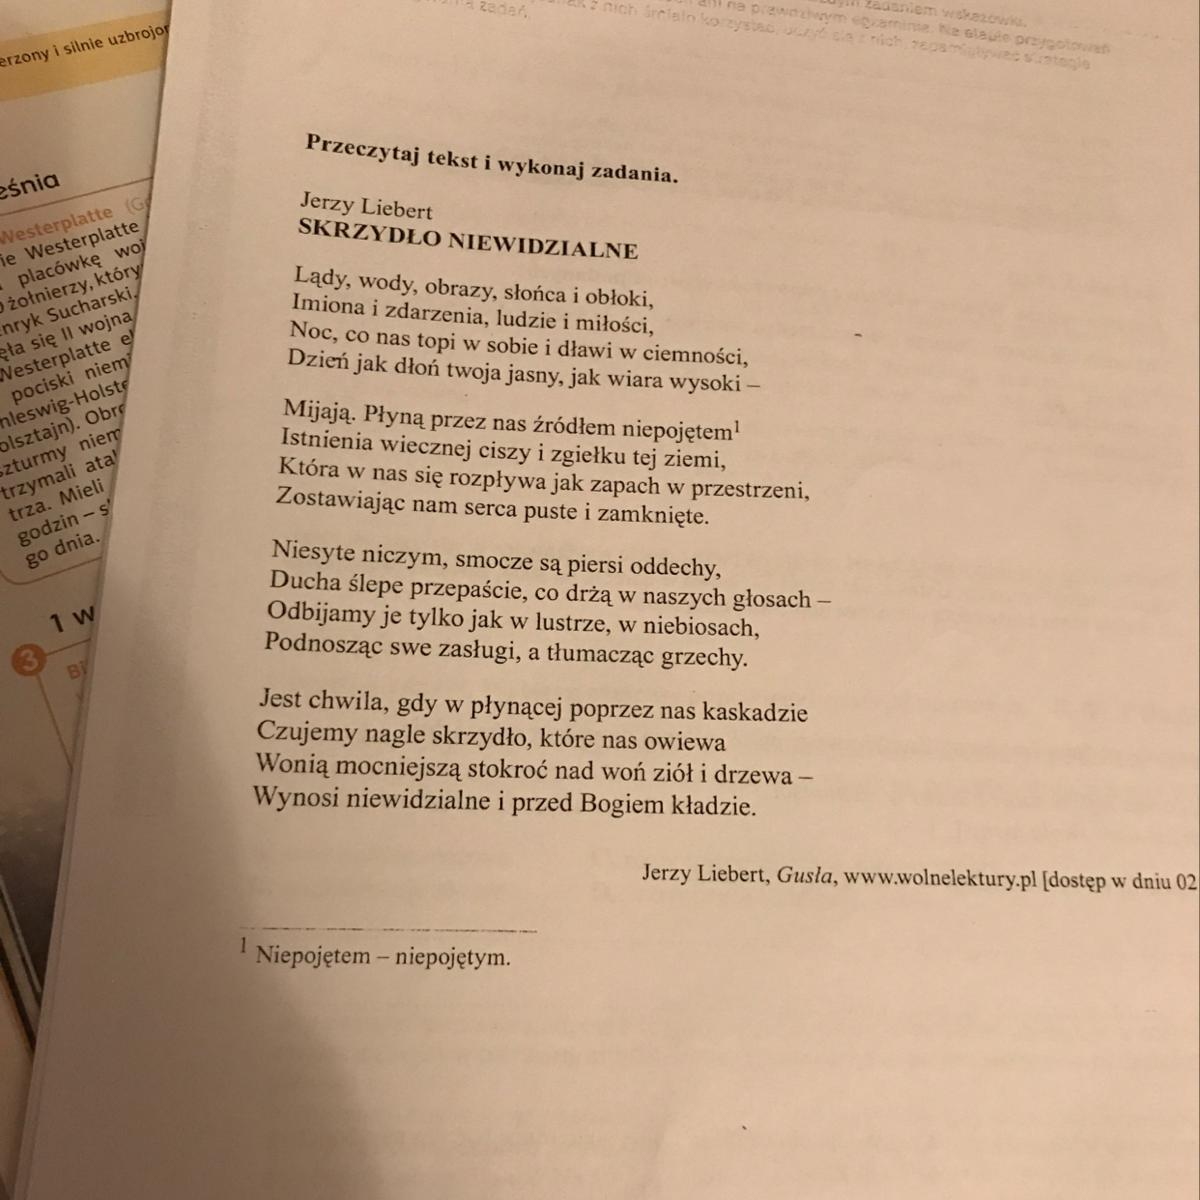 Wiersz Jerzego Lieberta Skrzydło Niewidzialne Zawiera